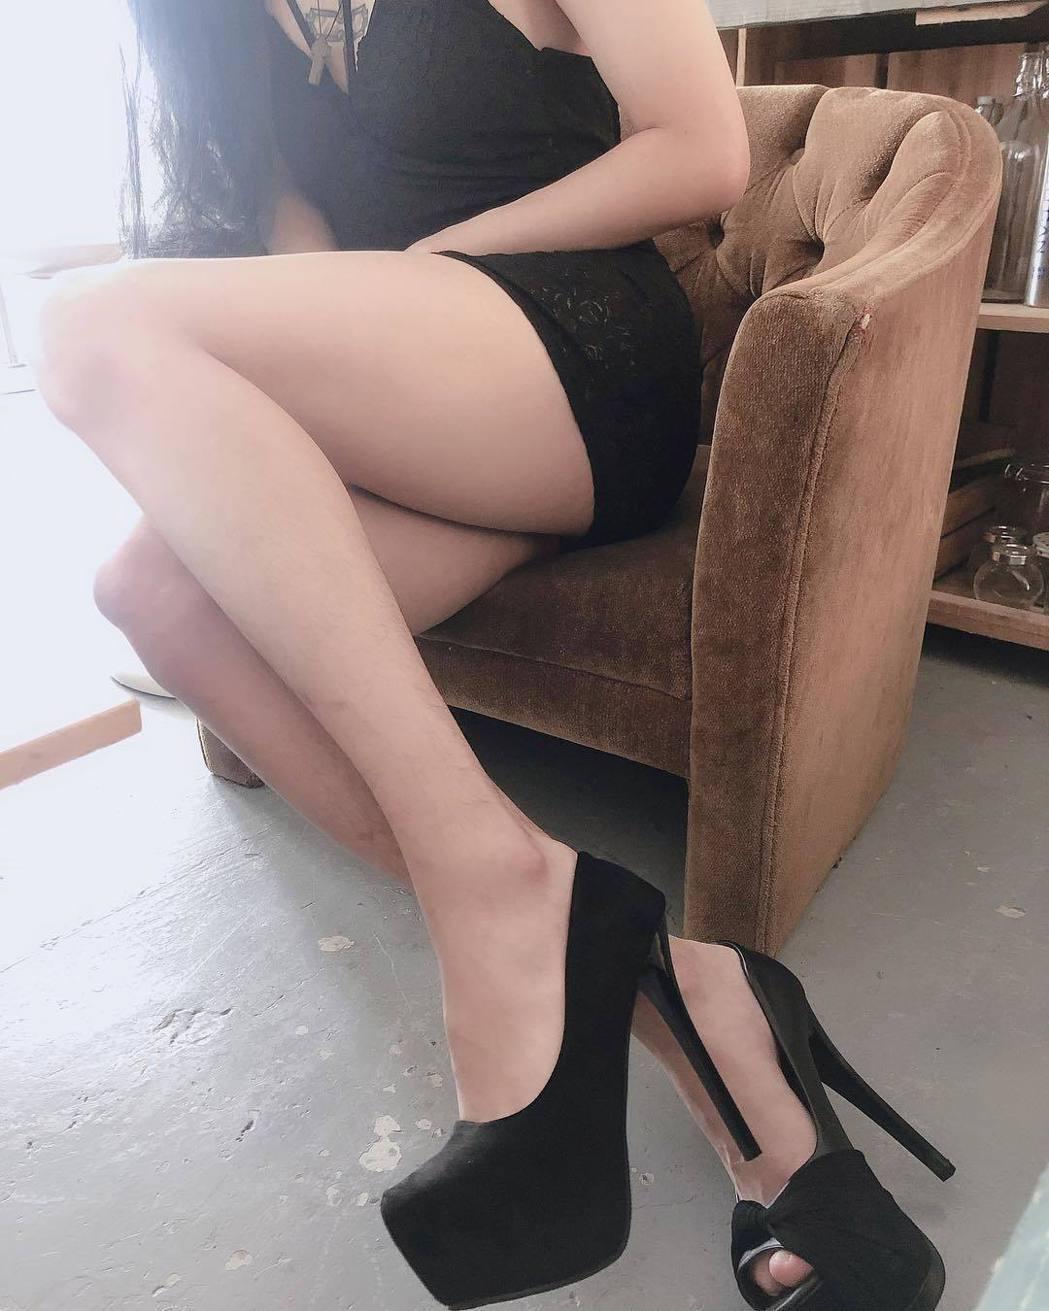 孫生分享美腿照。 圖/擷自孫生臉書